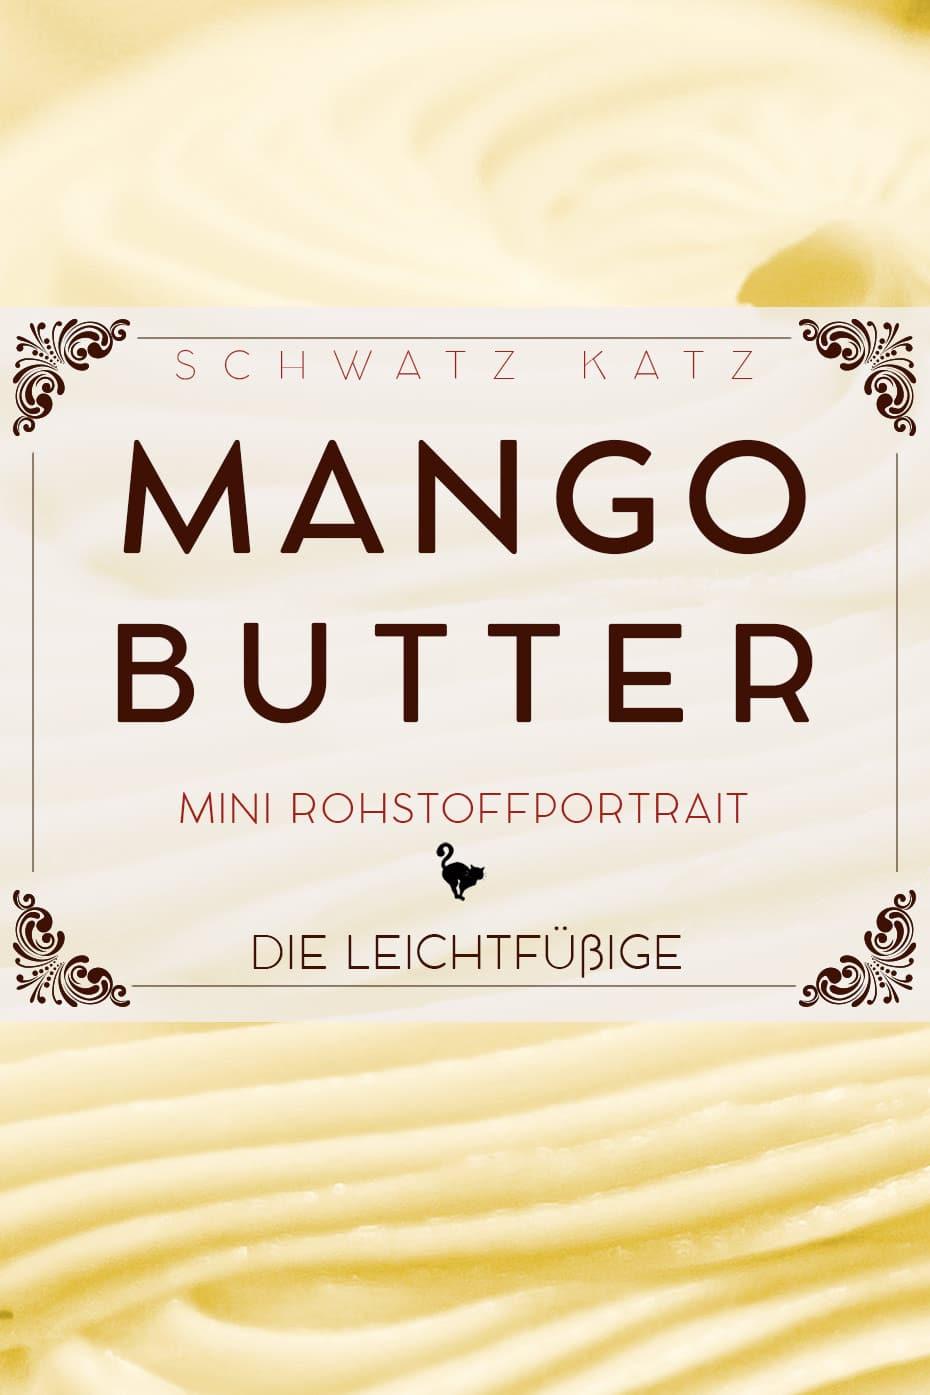 Mangobutter Mini Rohstoffportrait von Schwatz Katz